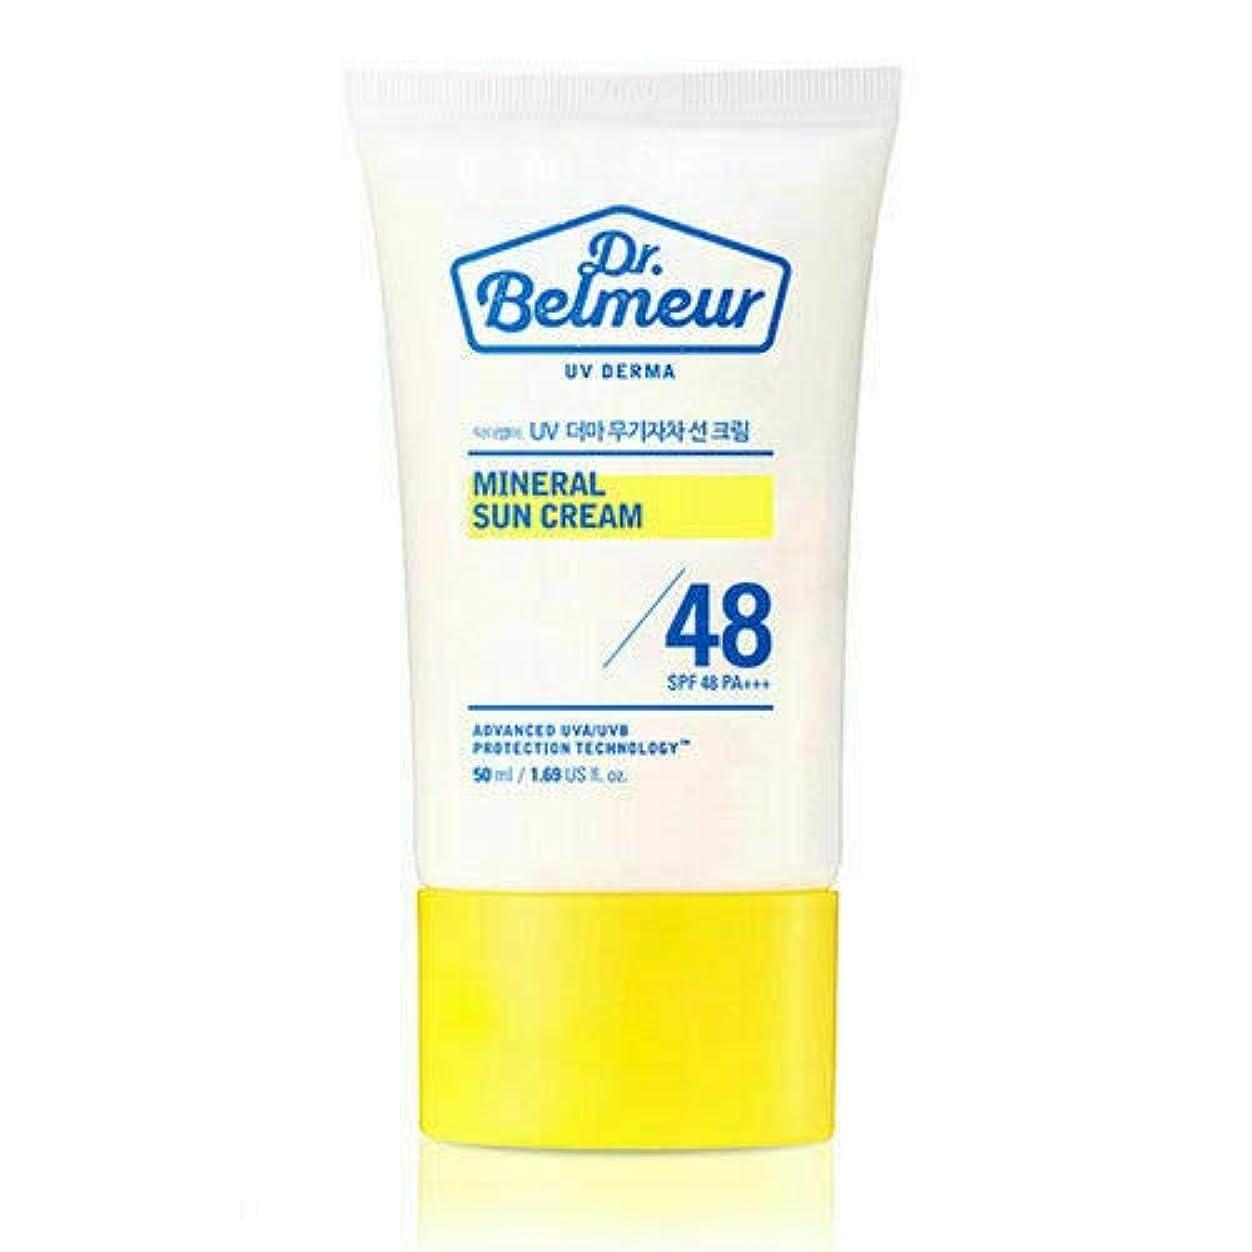 代理店アリ狂信者[ザ?フェイスショップ] THE FACE SHOP [ドクターベルモ UVデルマ ミネラル サンクリーム 50ml] (Dr. Belmeur UV Derma Mineral Sun Cream SPF48 PA+++ 50ml) [海外直送品]